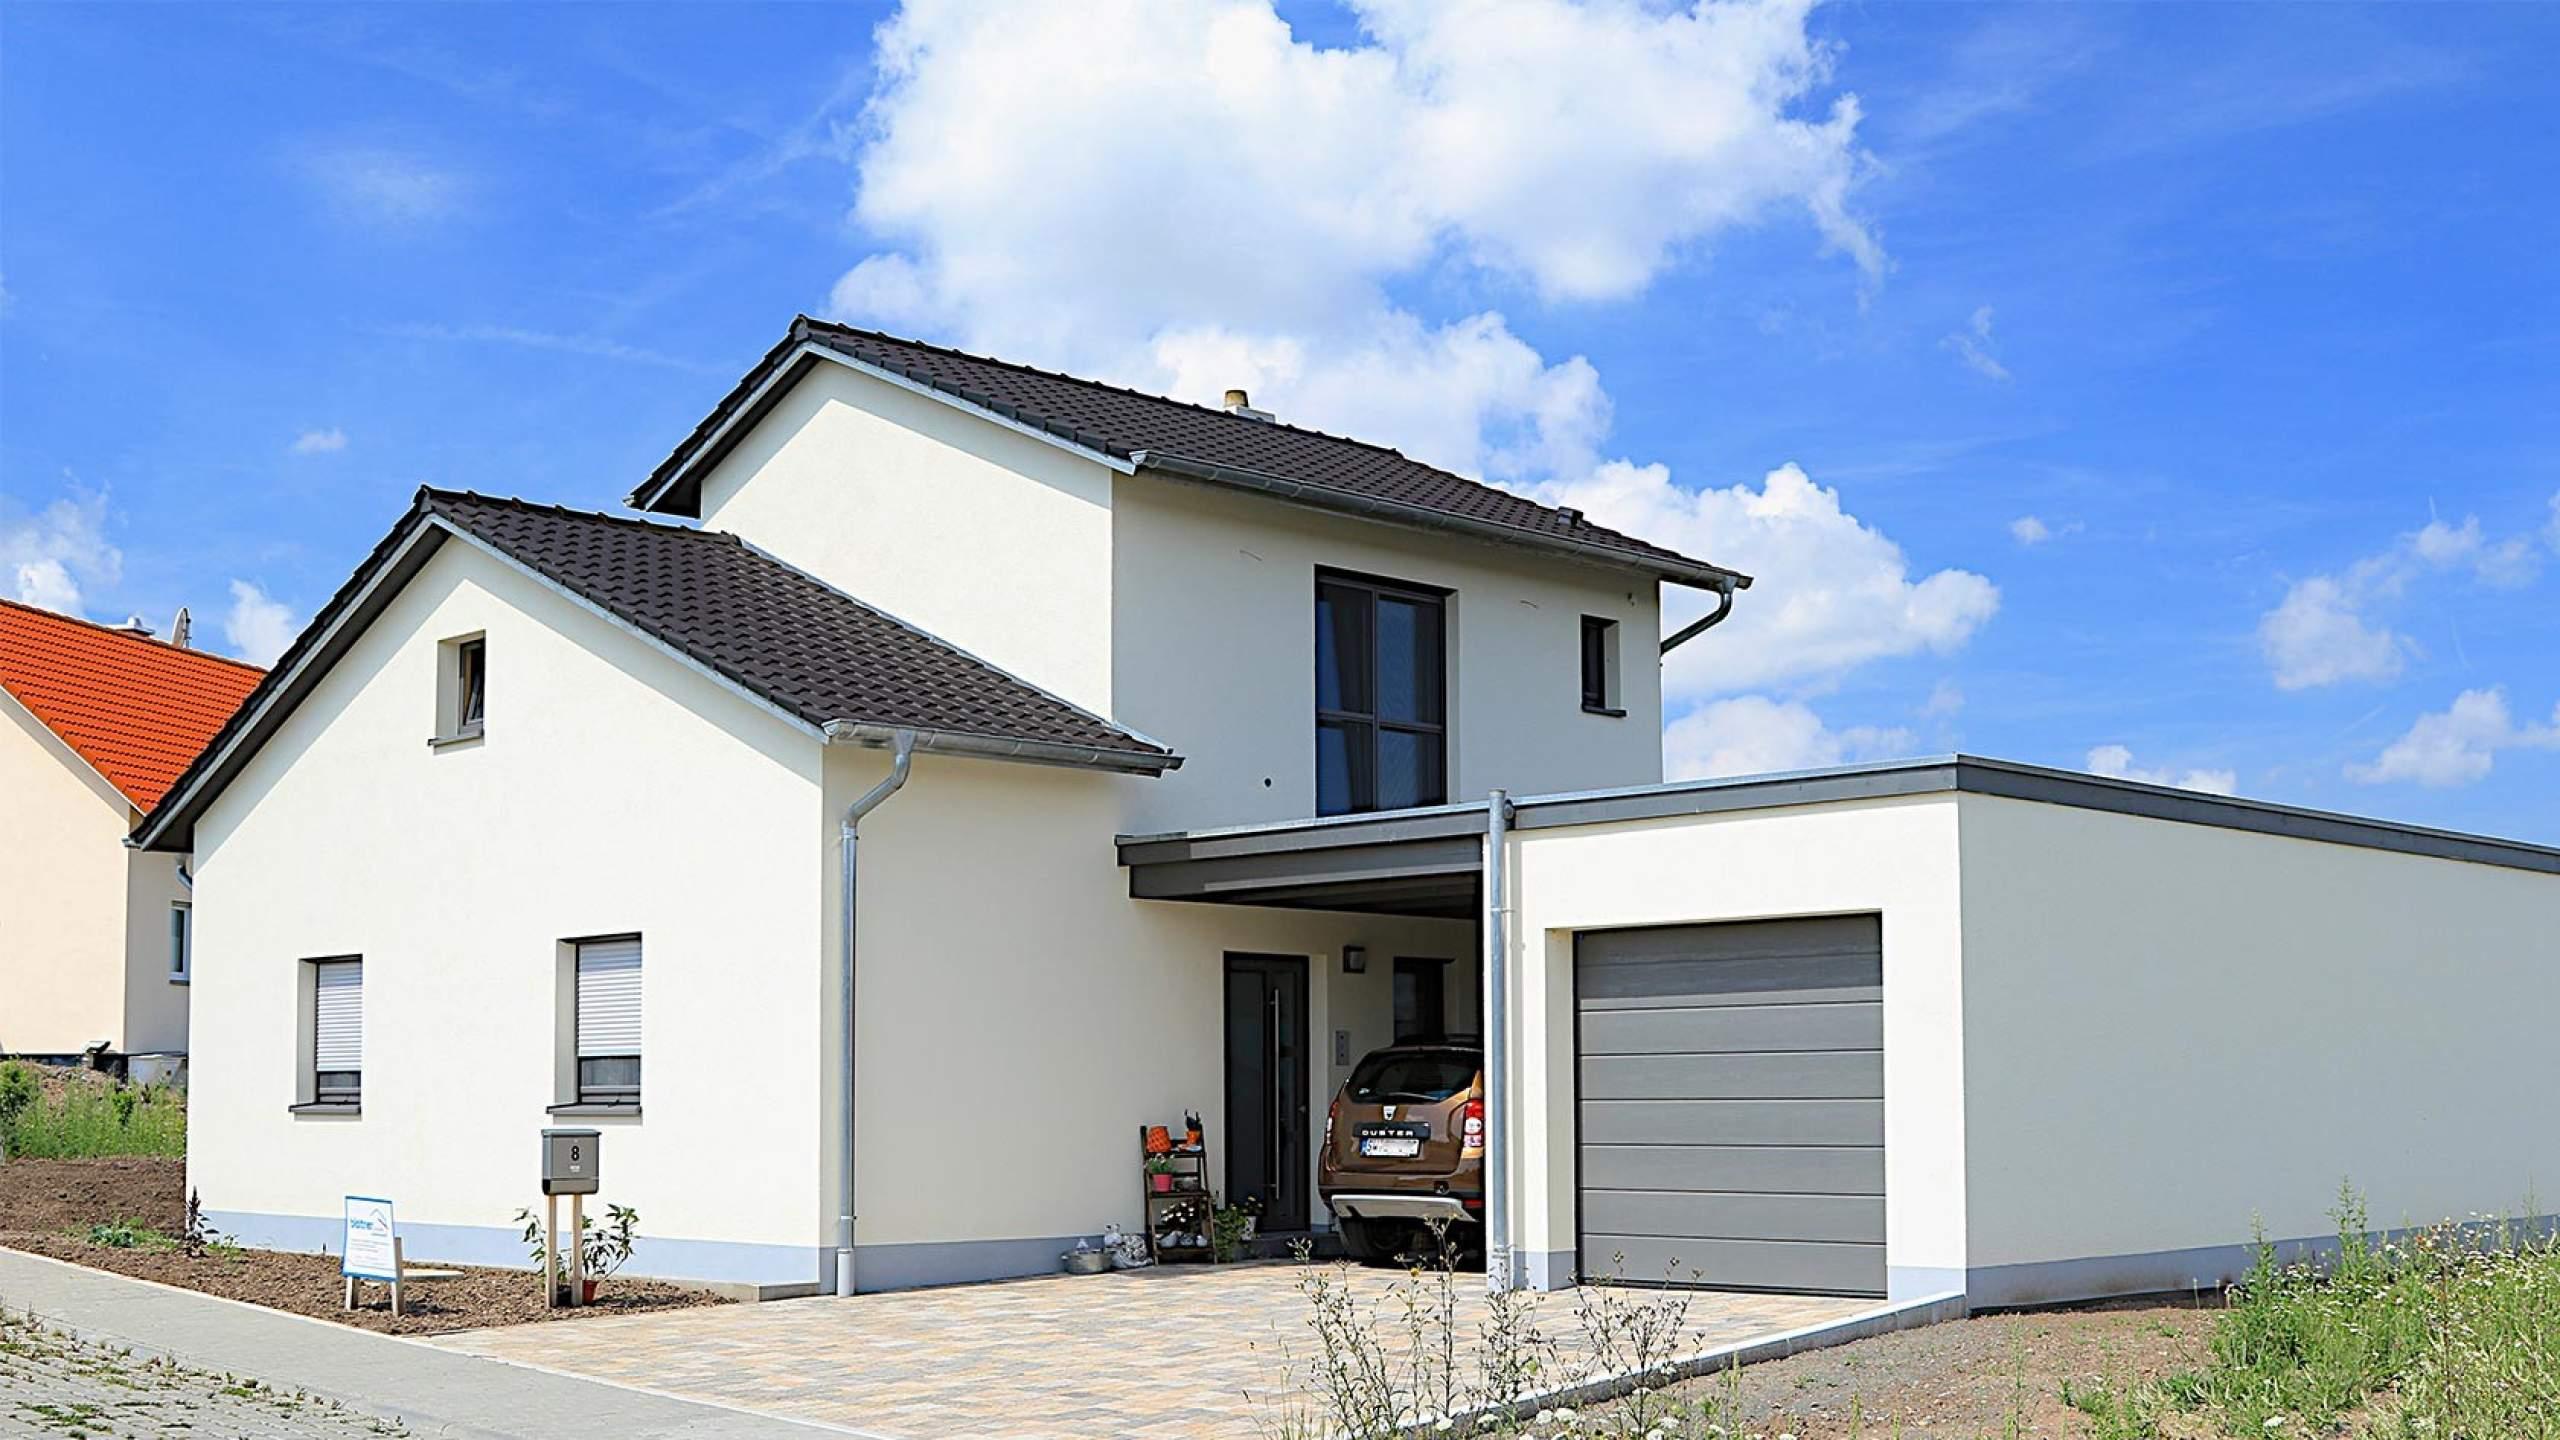 Einfamilienwohnhaus von Straße mit Garage